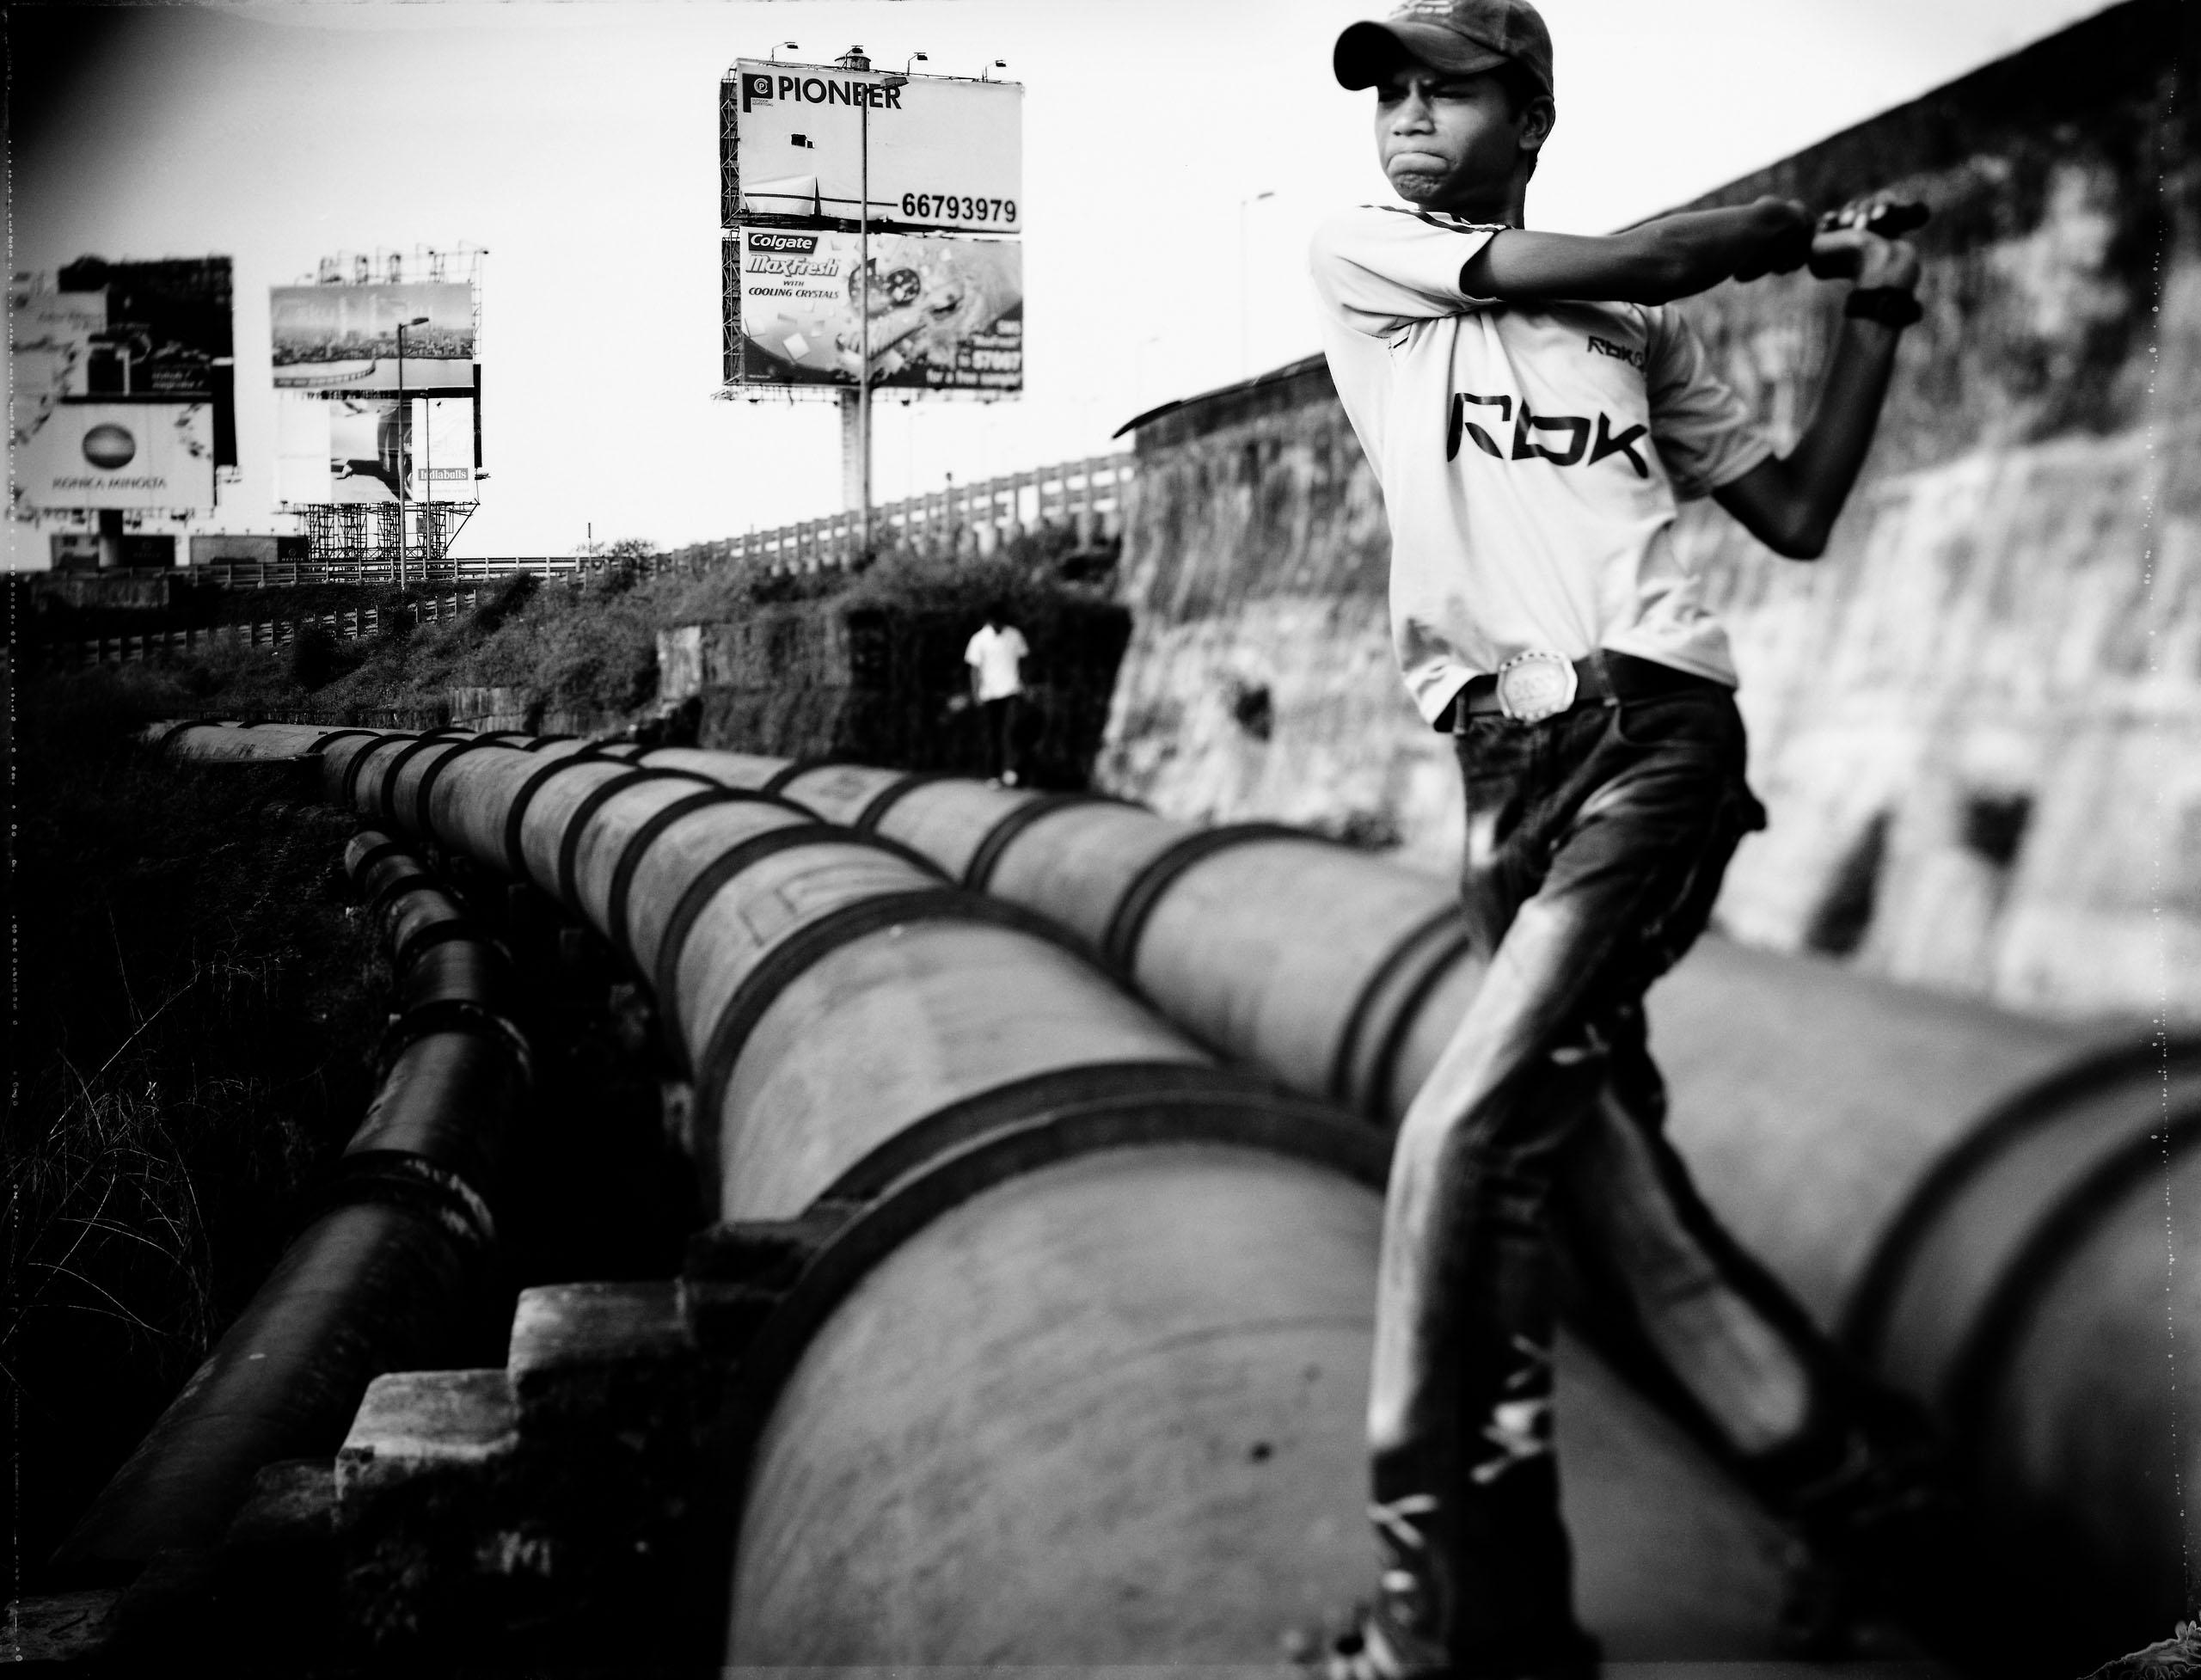 Raja works on his swing speed. Photo by Tomasz Gudzowaty.